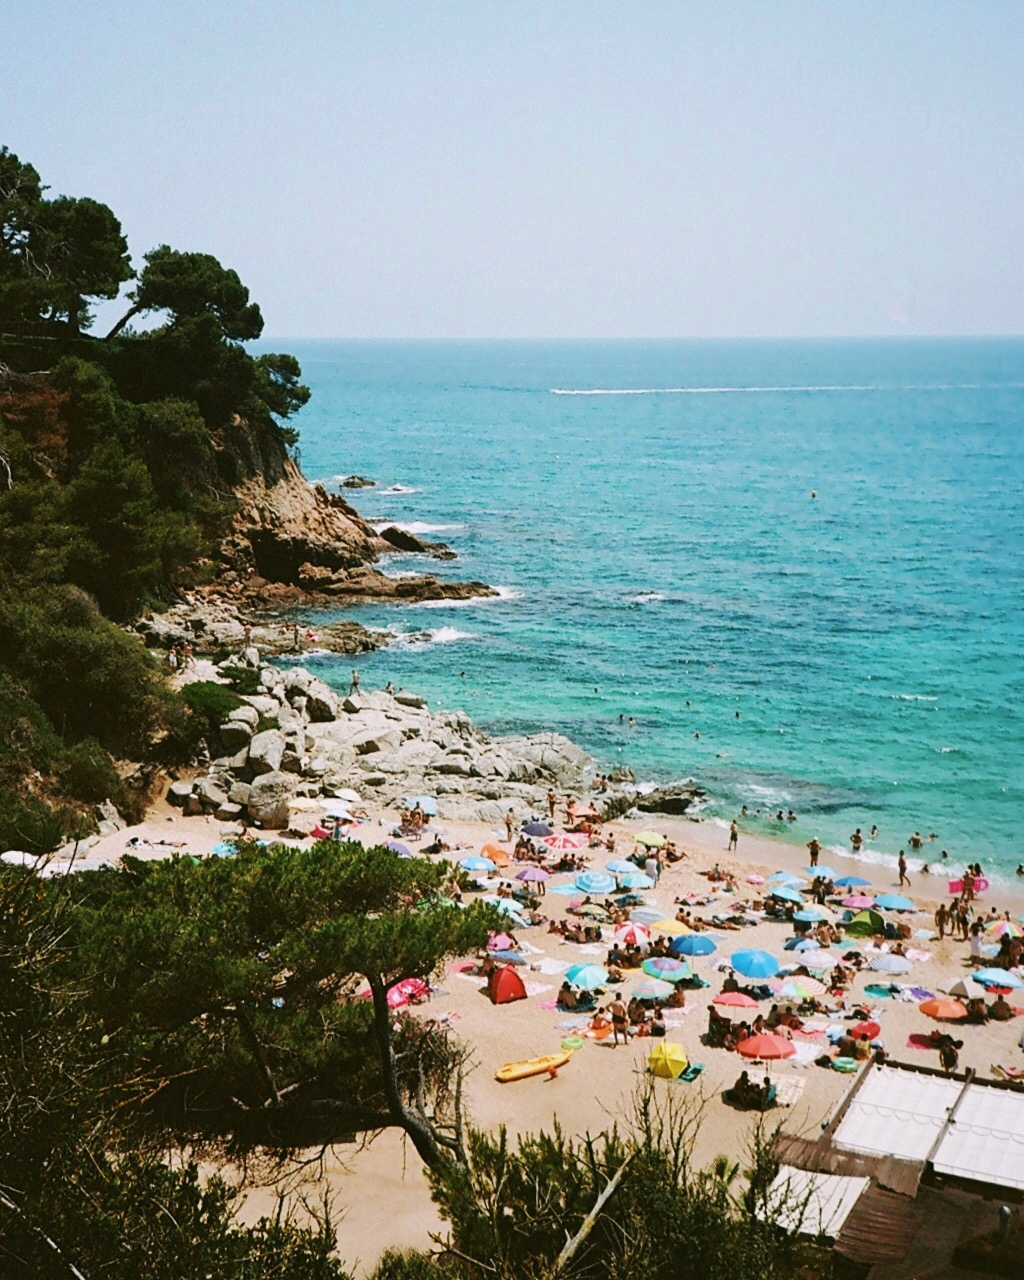 Casa sa Boadella beach, Lloret de Mar